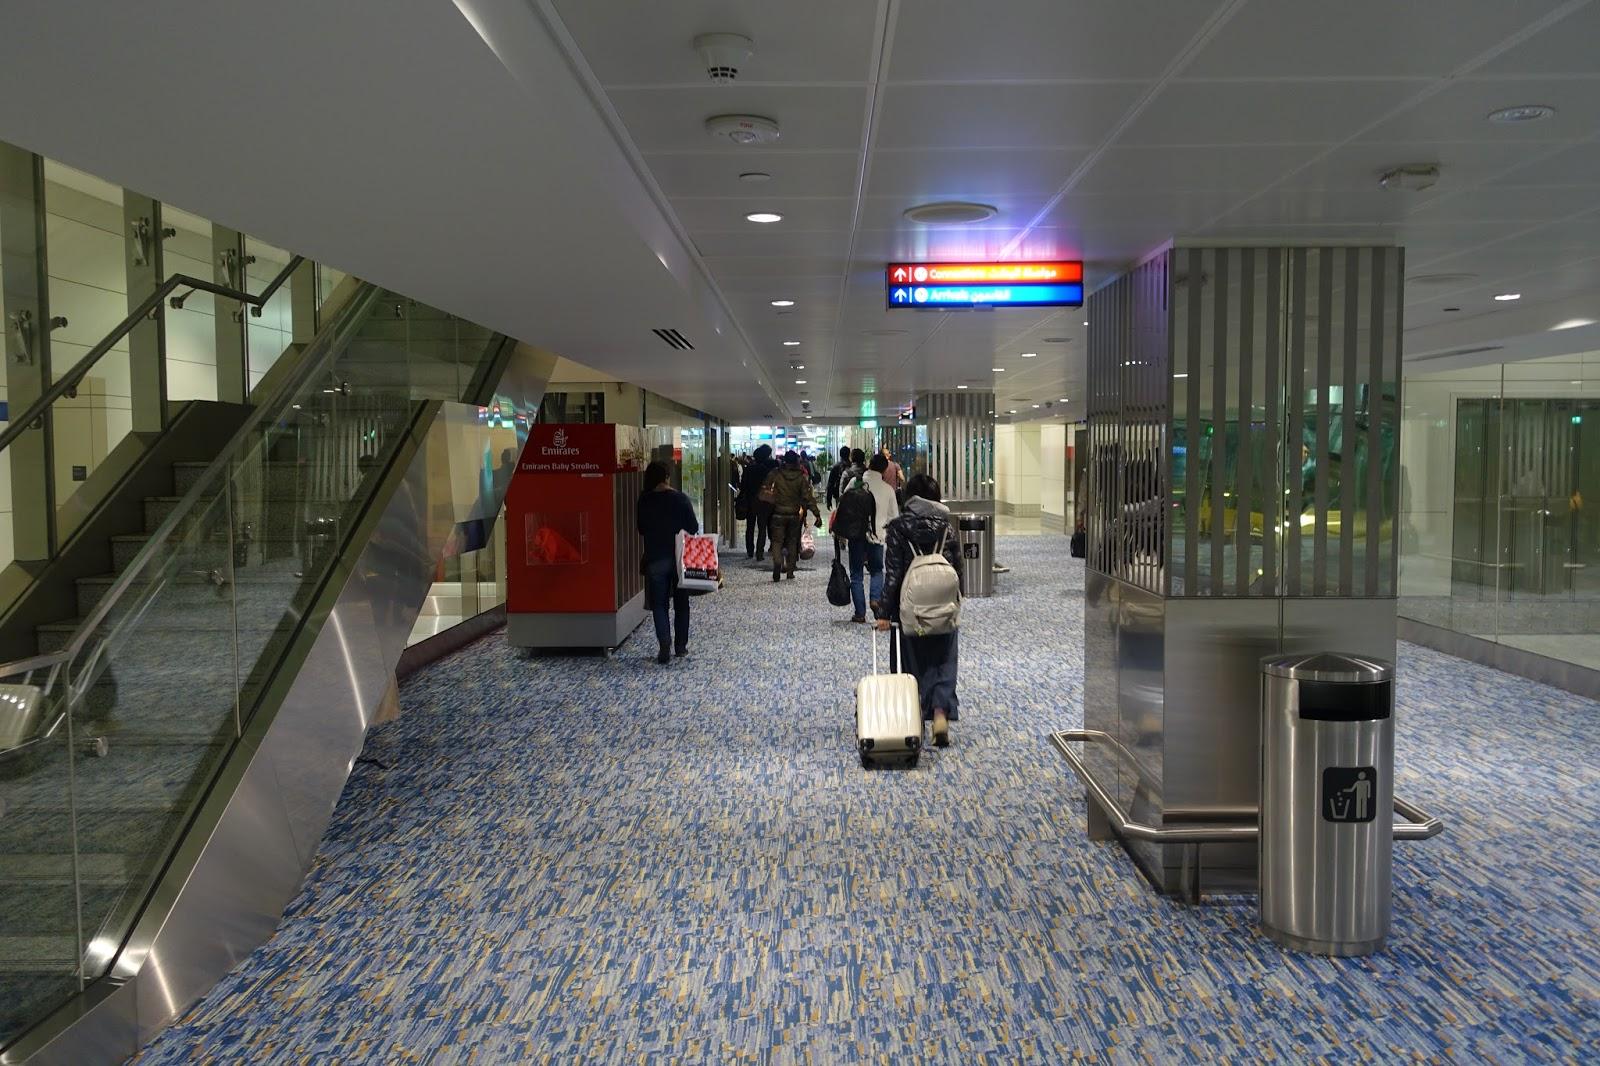 ドバイ国際空港のエミレーツ専用 ターミナル3